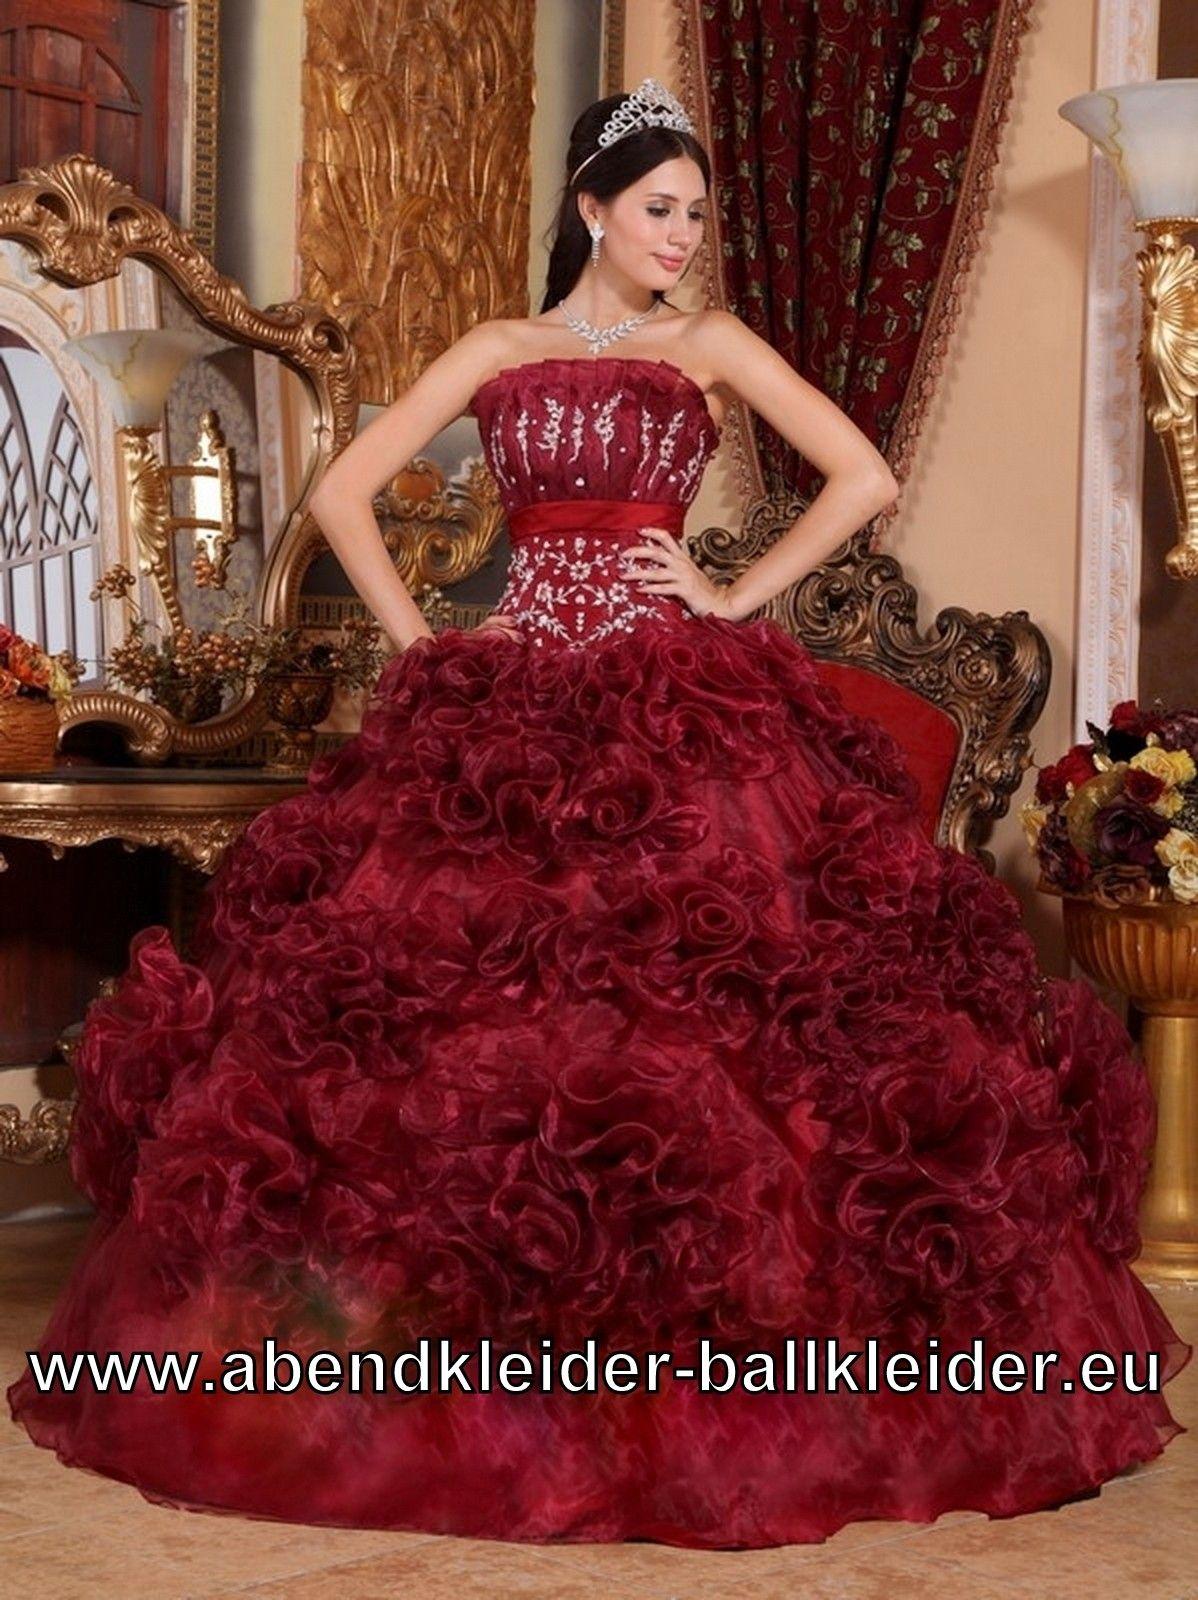 Wein Rotes Rüschen Sissi Kleid Ballkleid Brautkleid Abendkleid ...